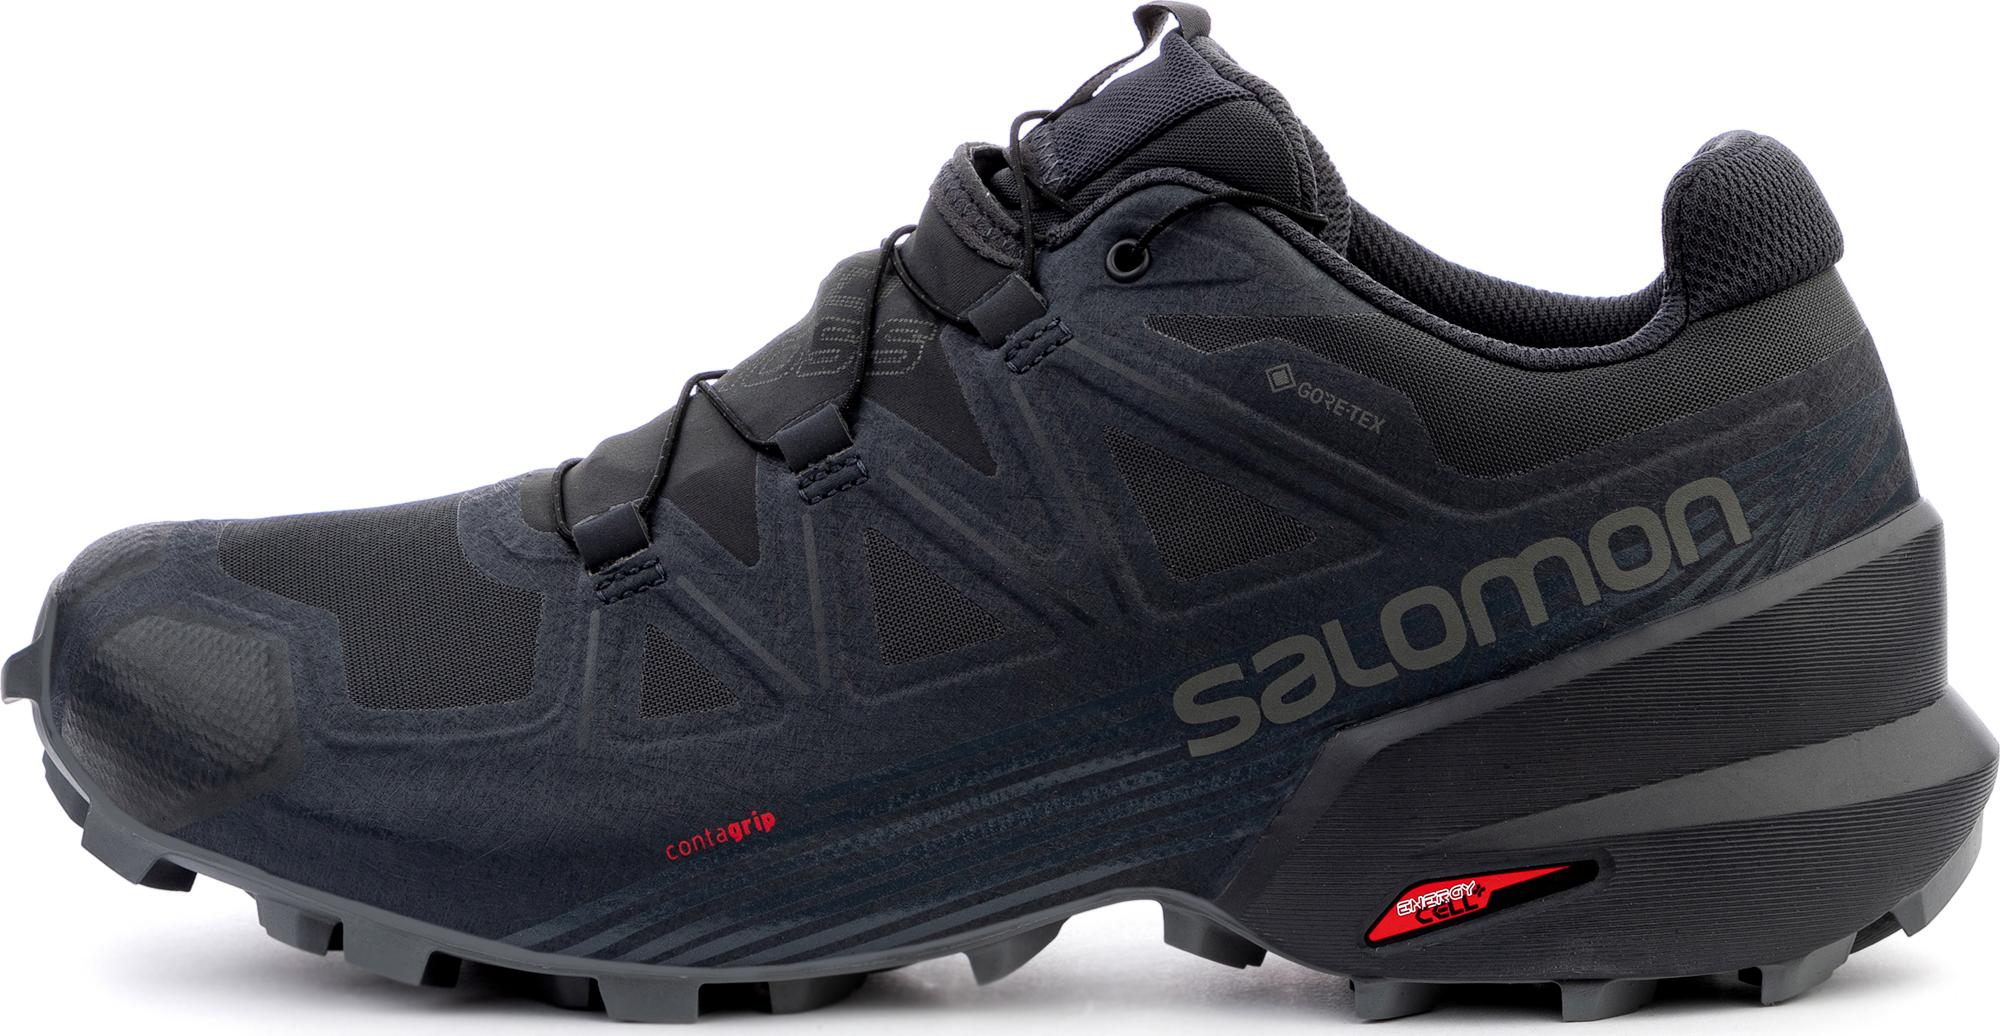 купить Salomon Кроссовки мужские Salomon Speedcross 5 GTX Nocturne, размер 45 дешево